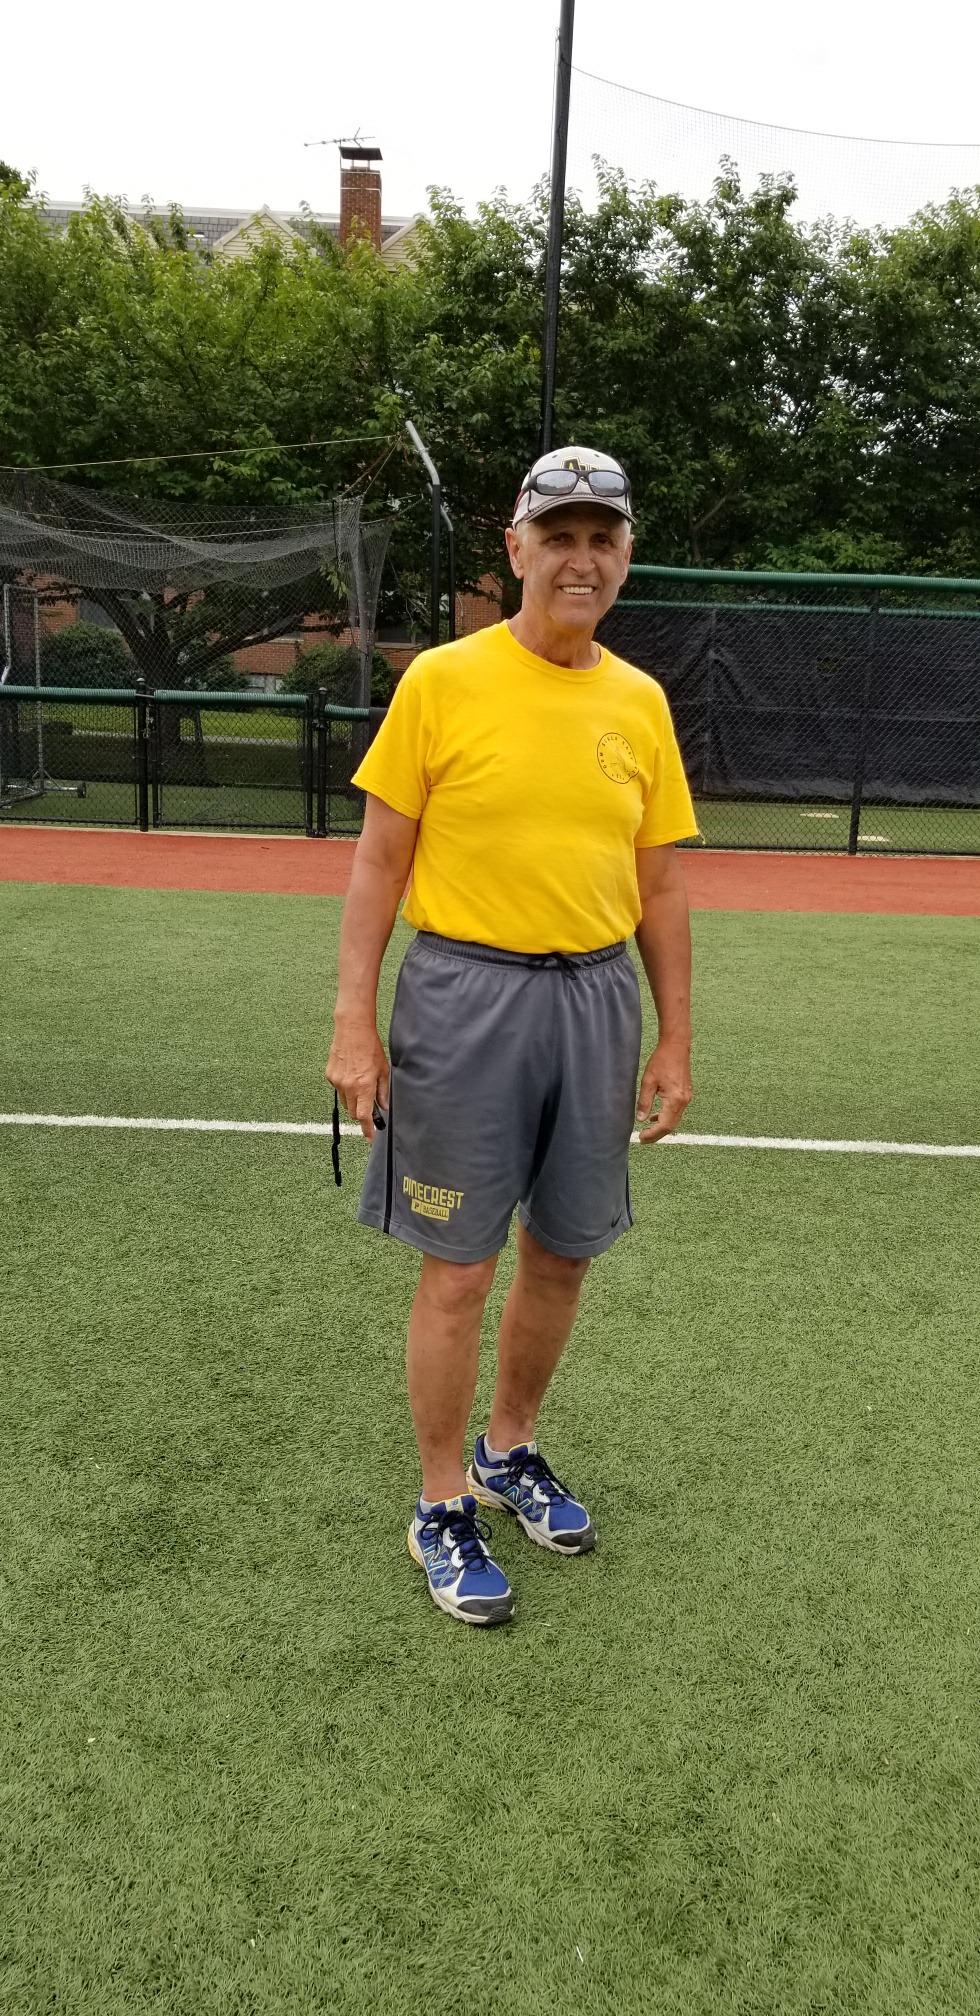 Coach Kevin Salmon